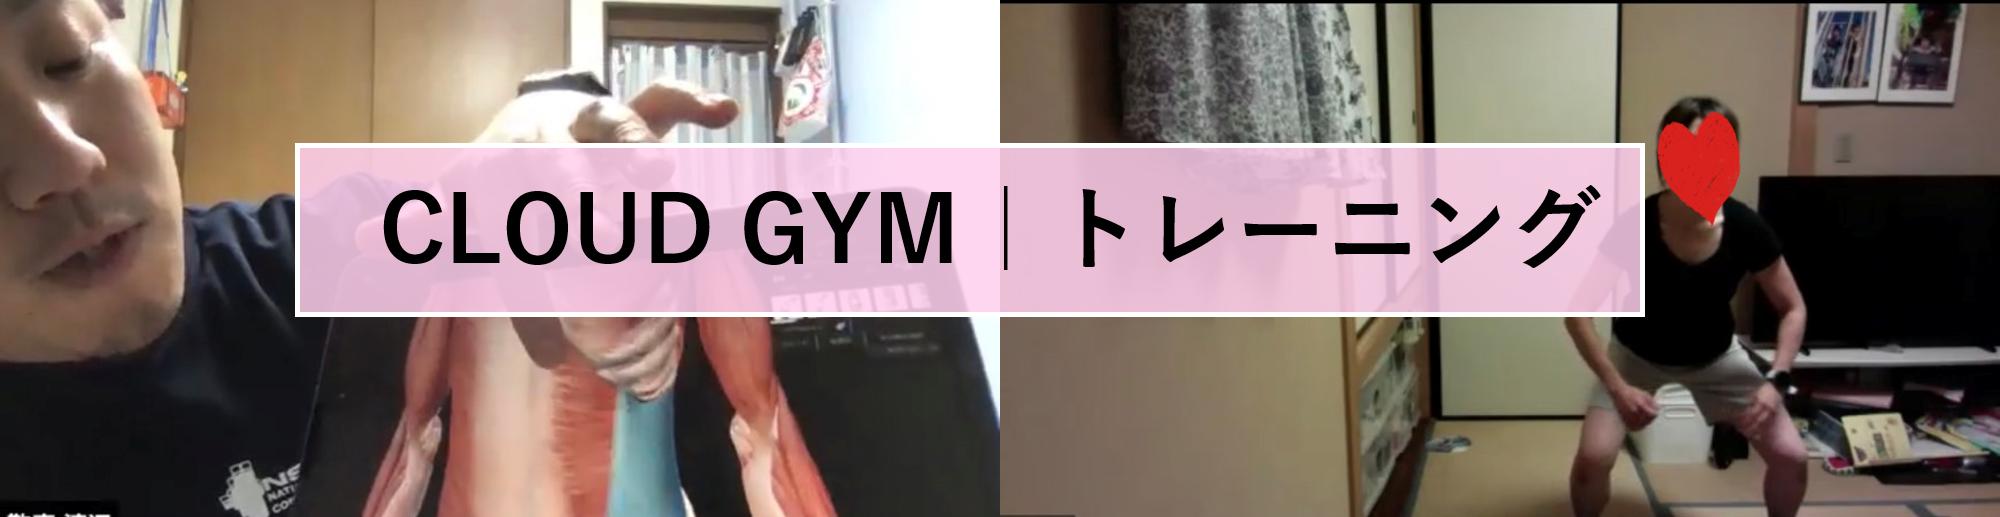 CLOUD GYM トレーニング